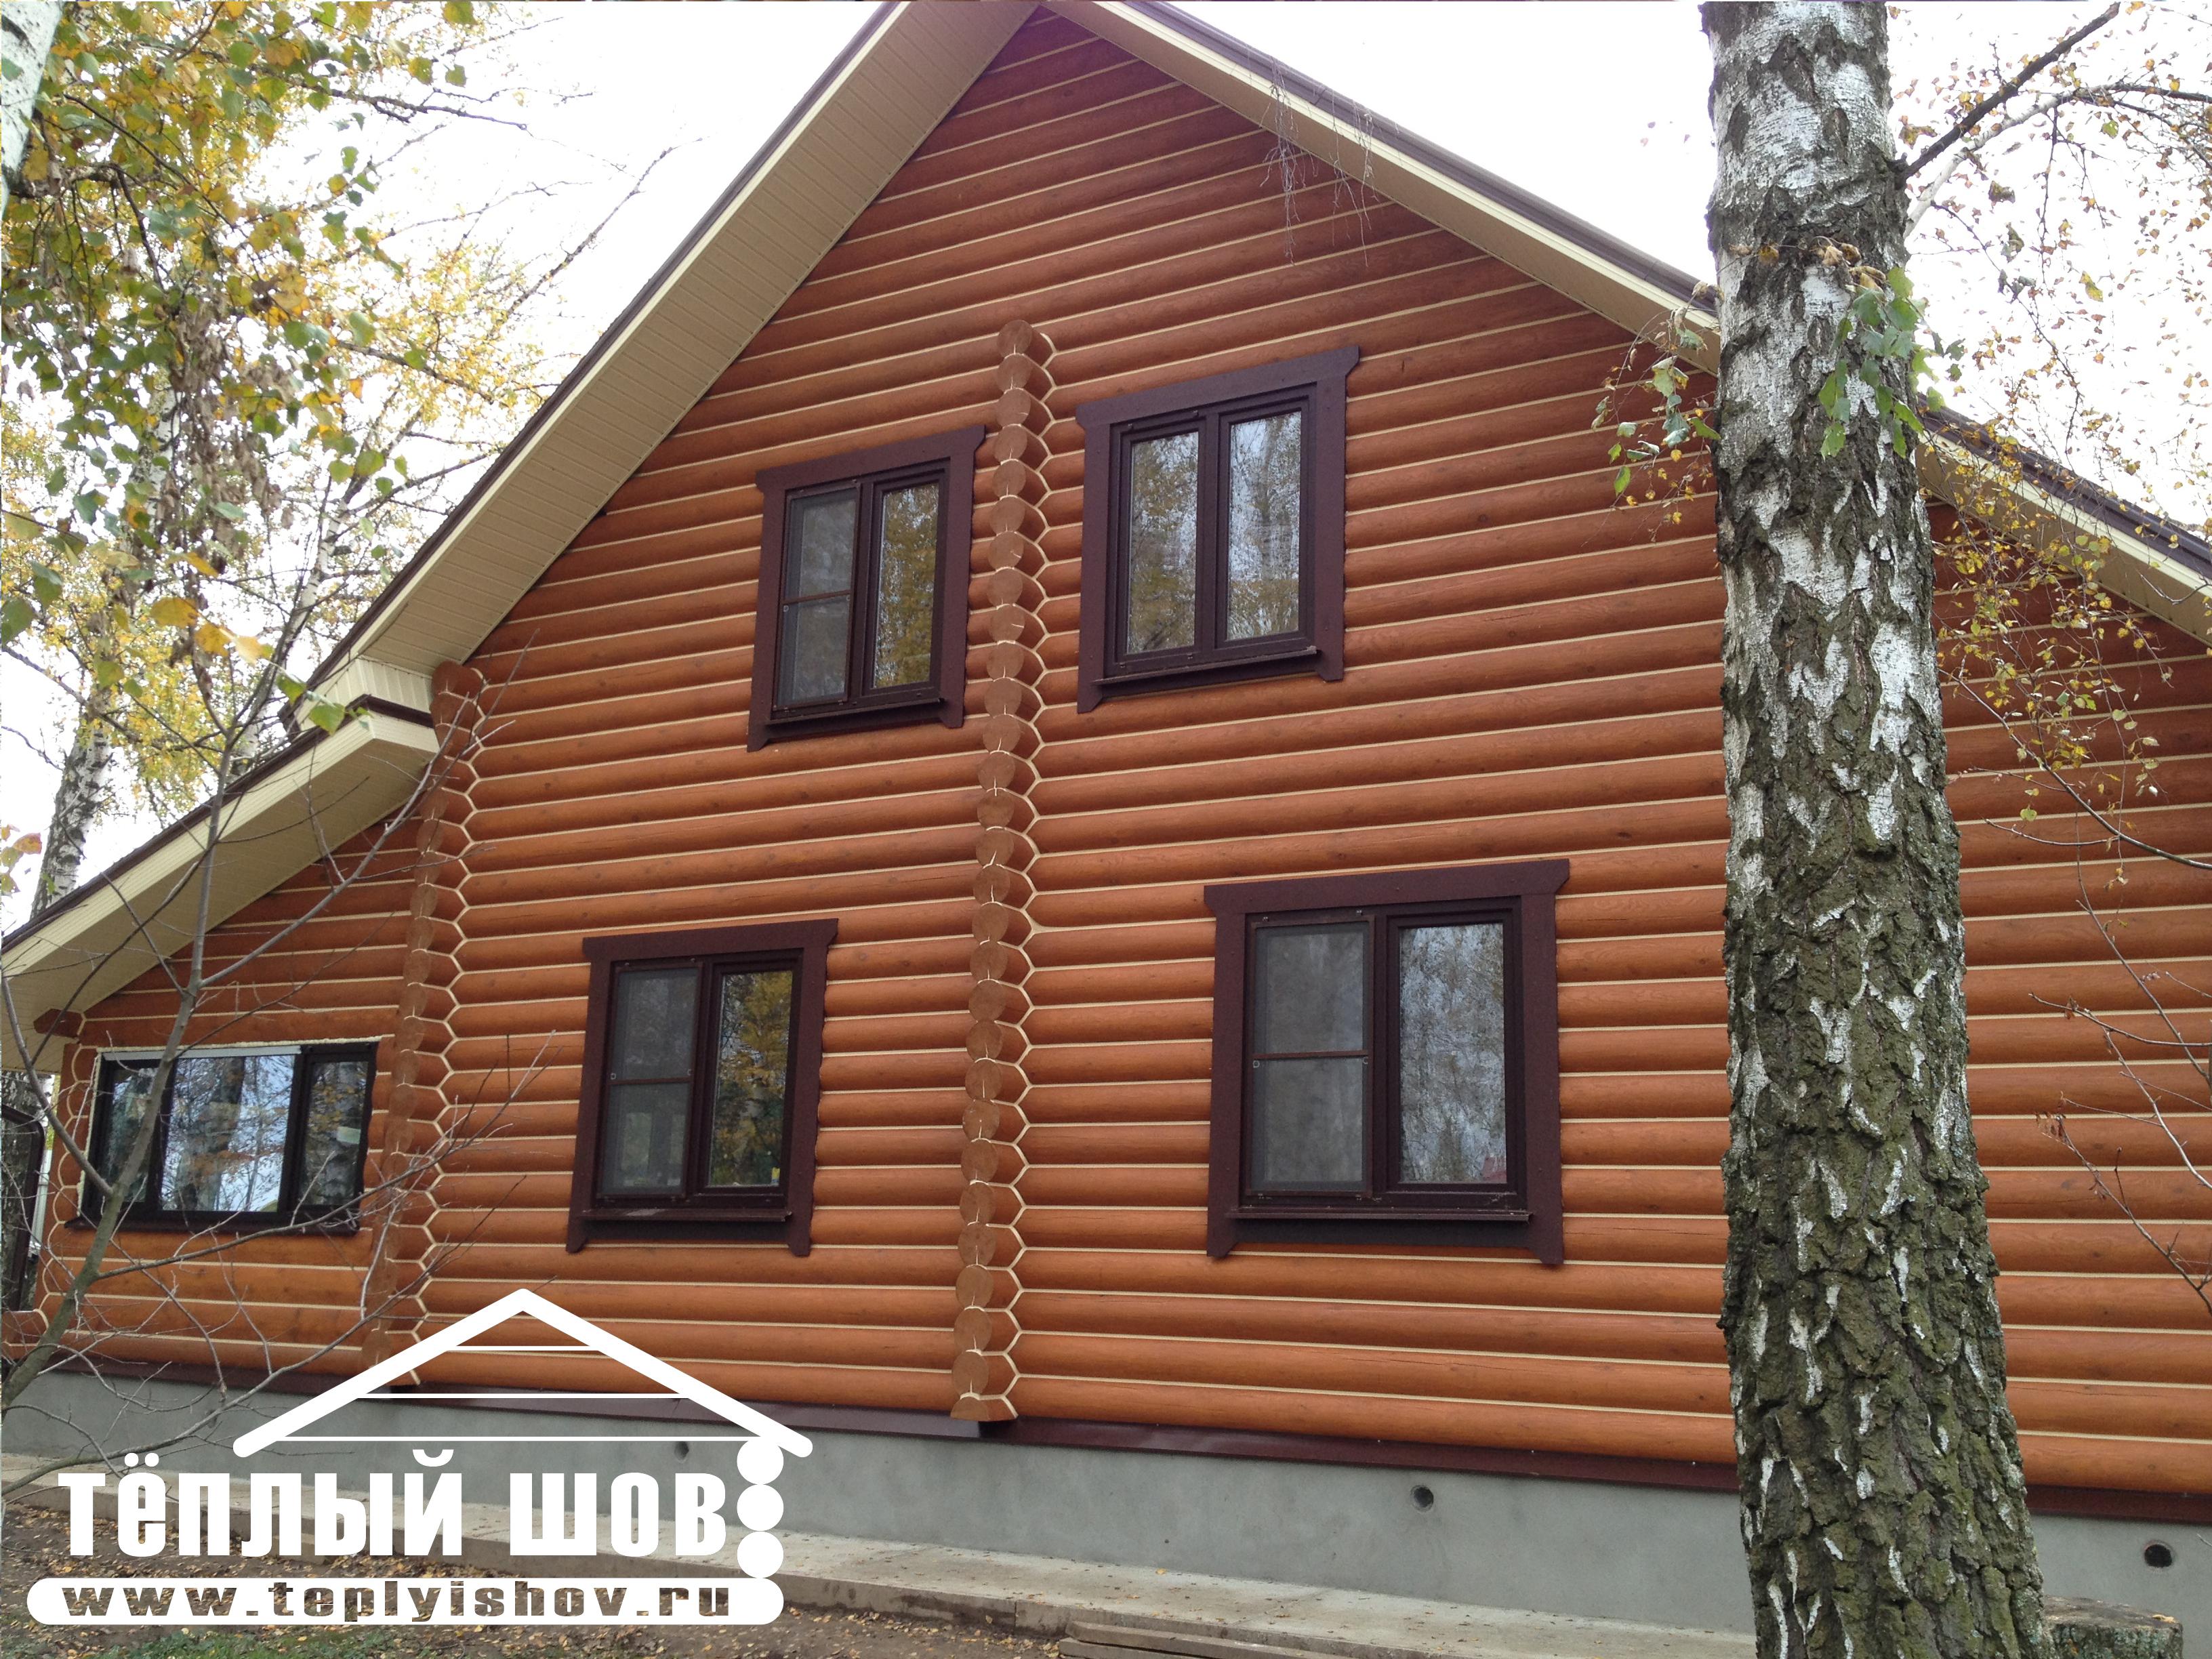 Герметизация деревянных домов теплый шов